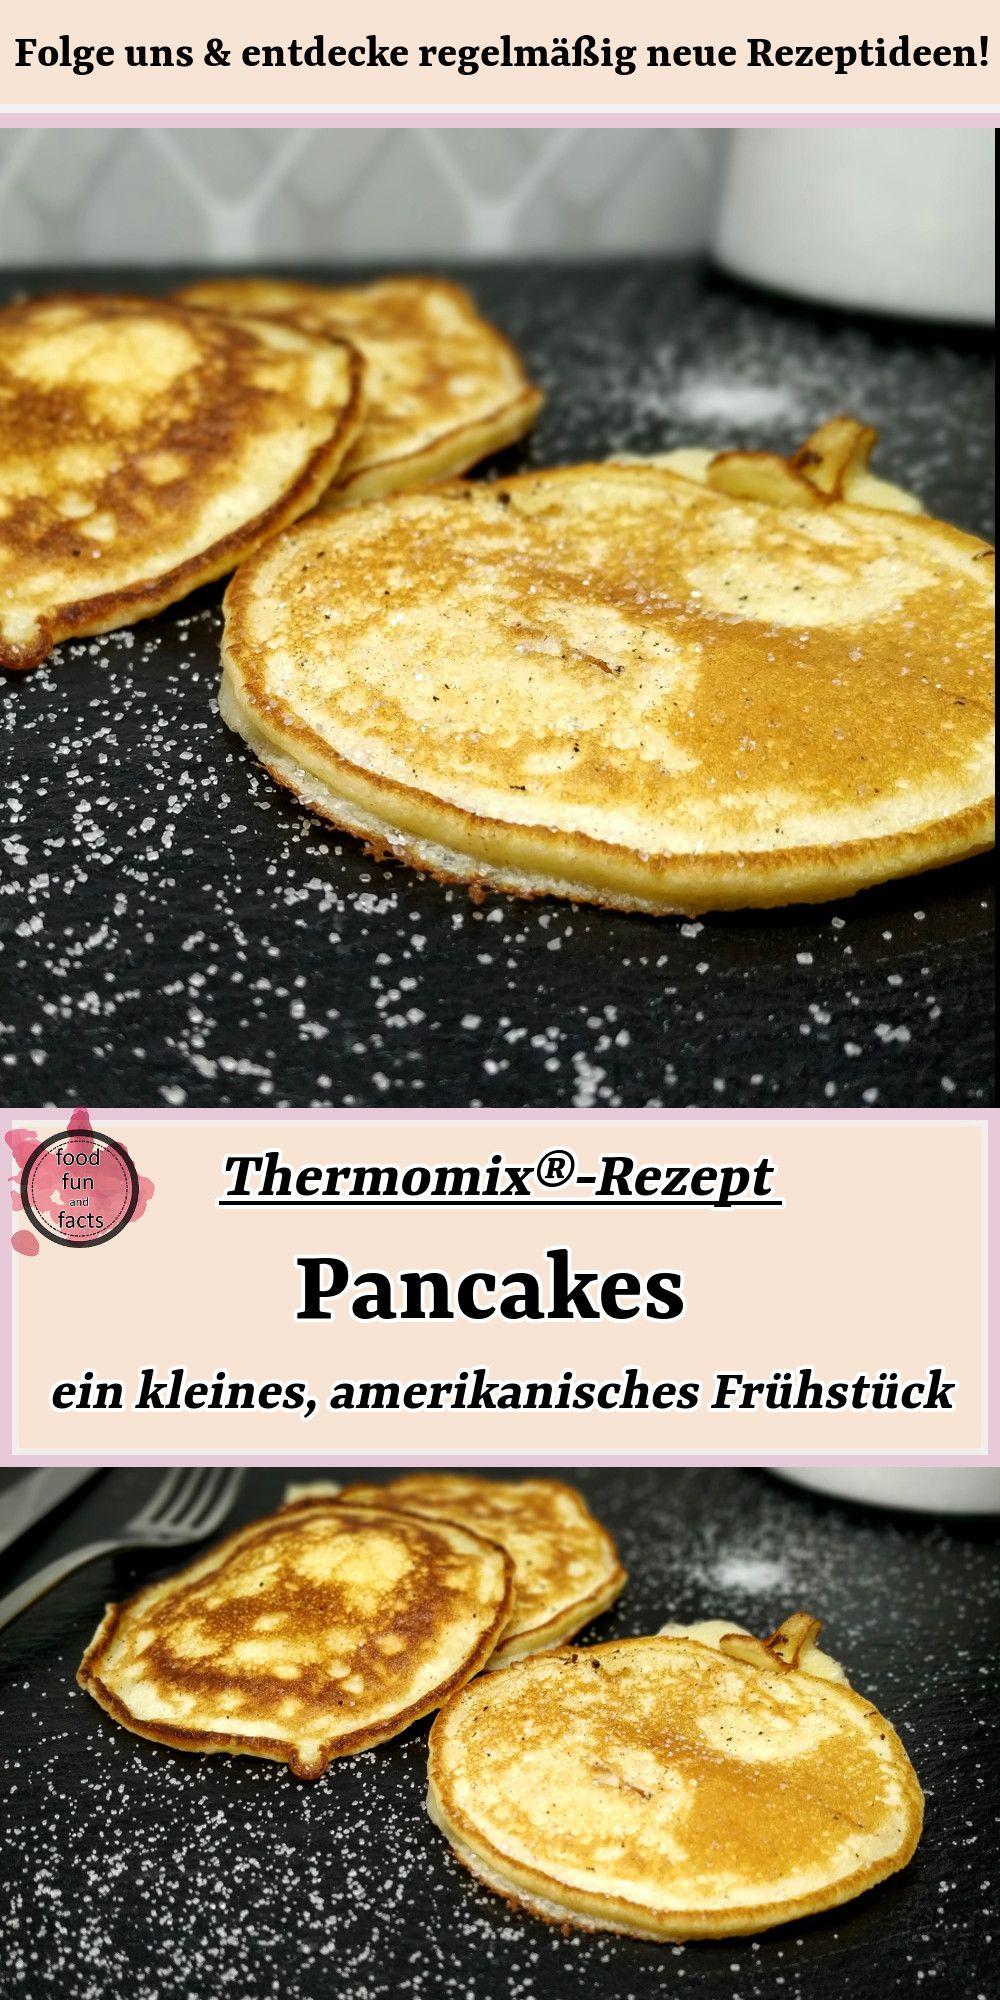 Pancakes – ein kleines, amerikanisches Frühstück